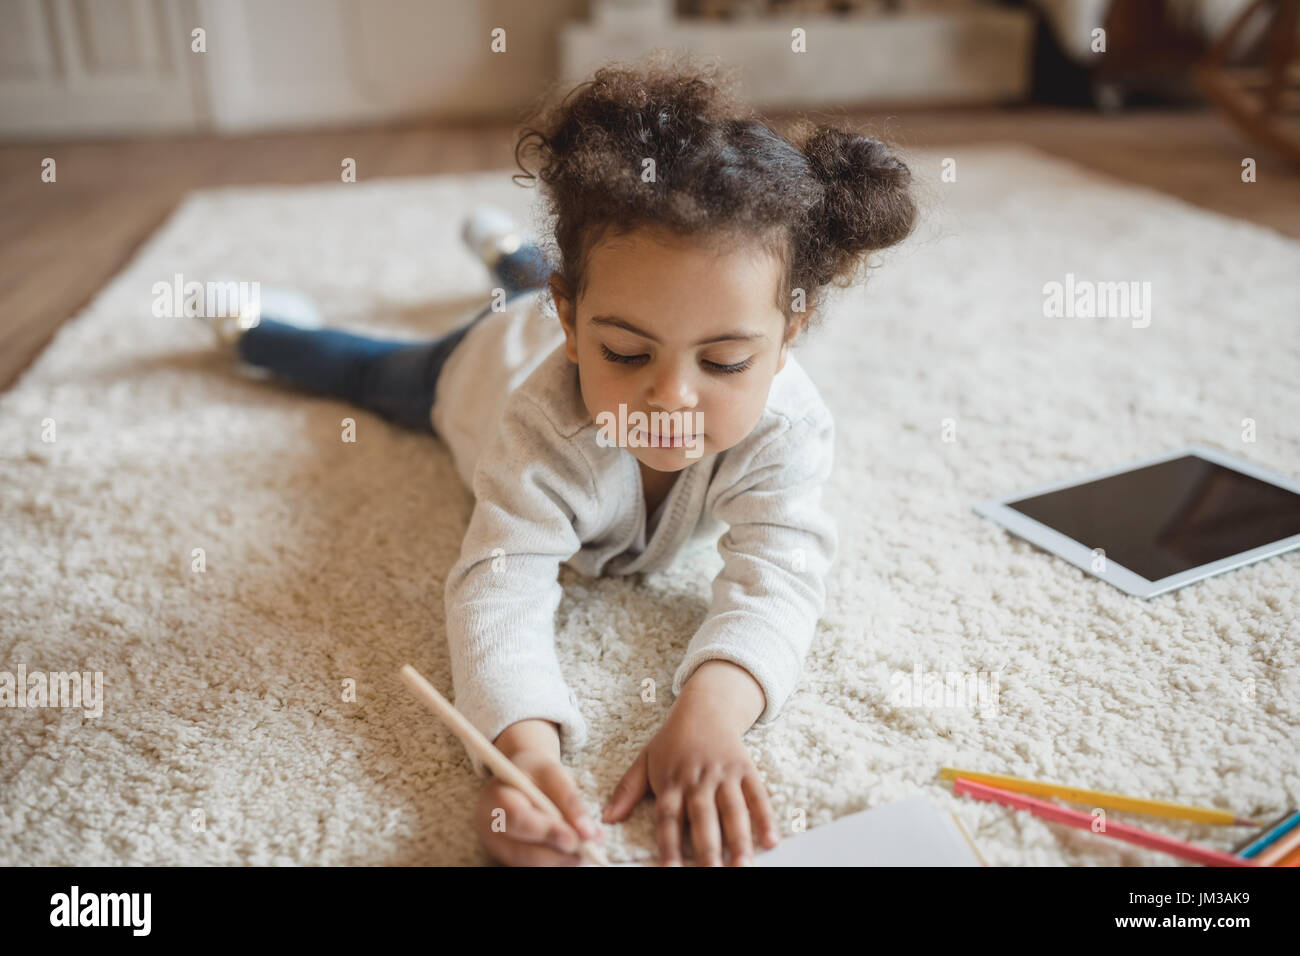 Adorable pequeño African American Girl de dibujo con lápices y acostado sobre una alfombra en casa Imagen De Stock